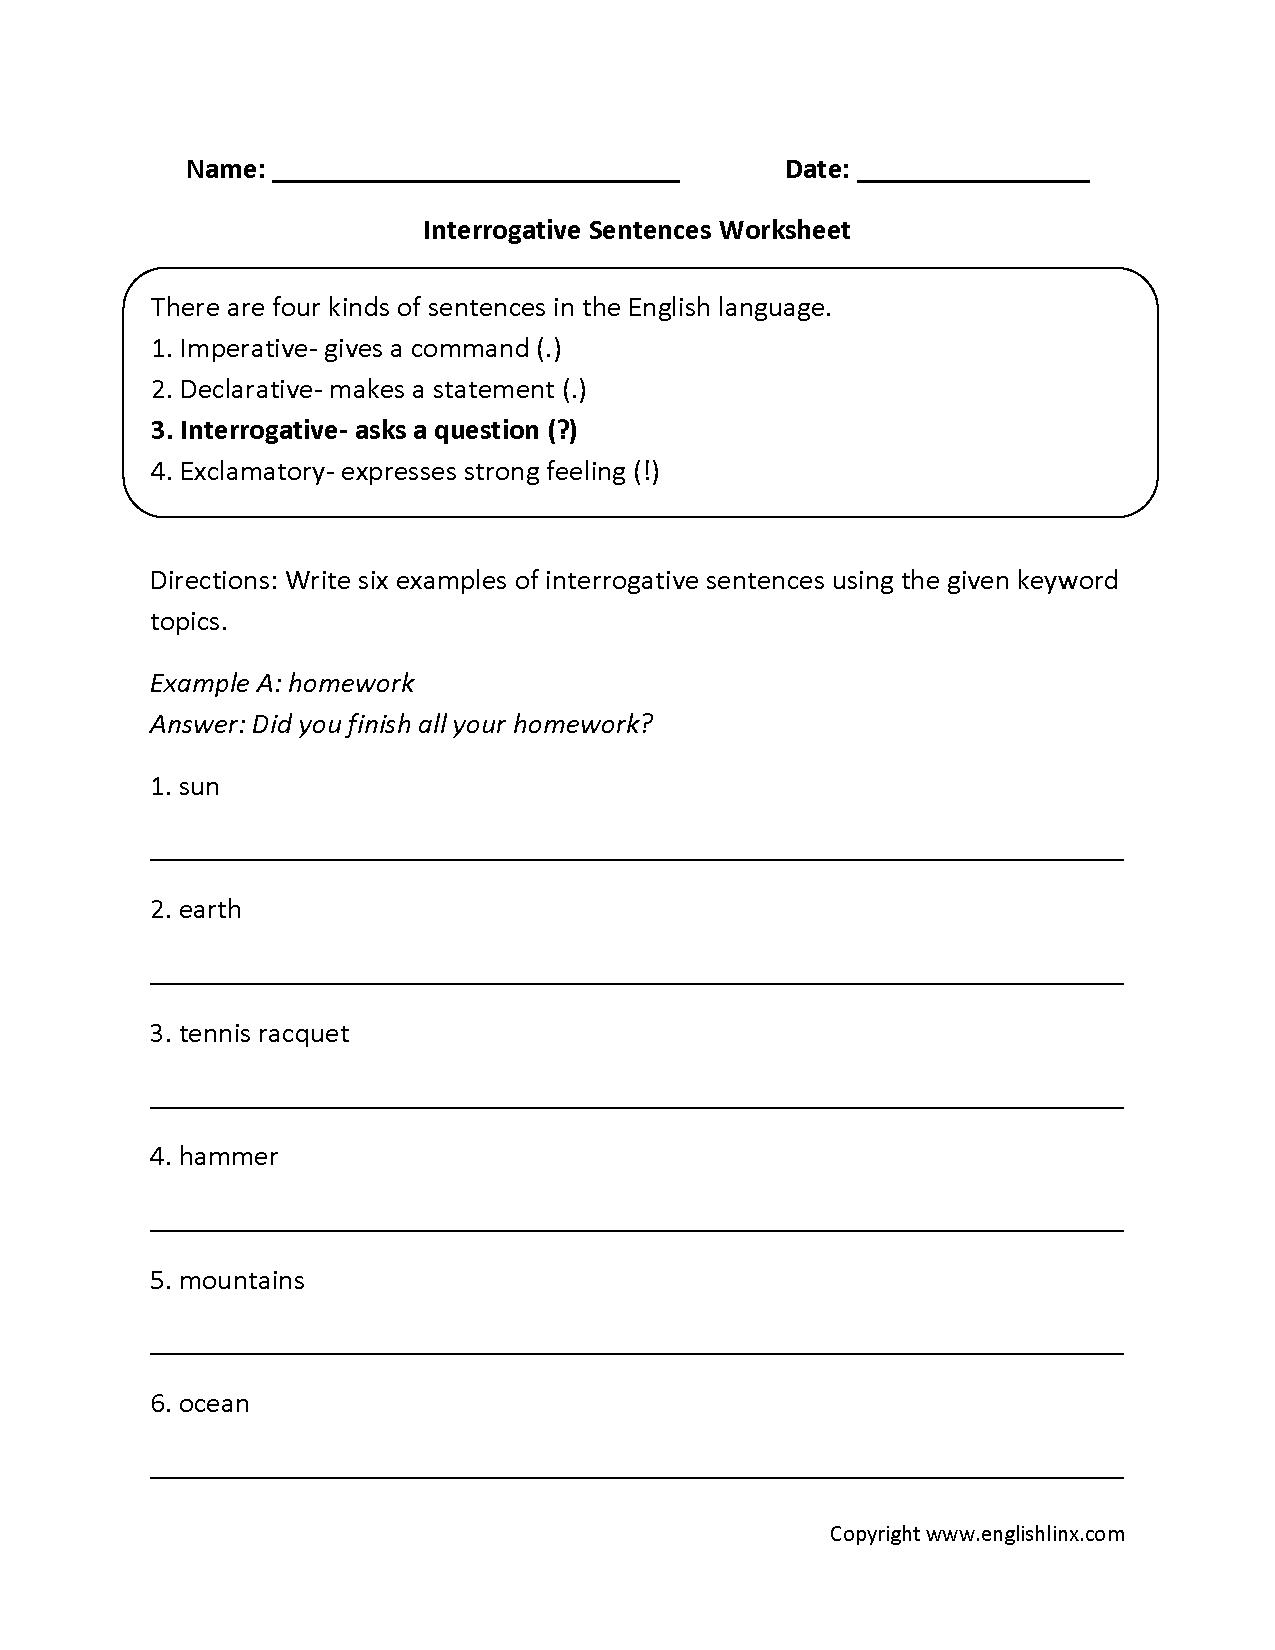 types of sentences worksheets interrogative types of sentences worksheets. Black Bedroom Furniture Sets. Home Design Ideas